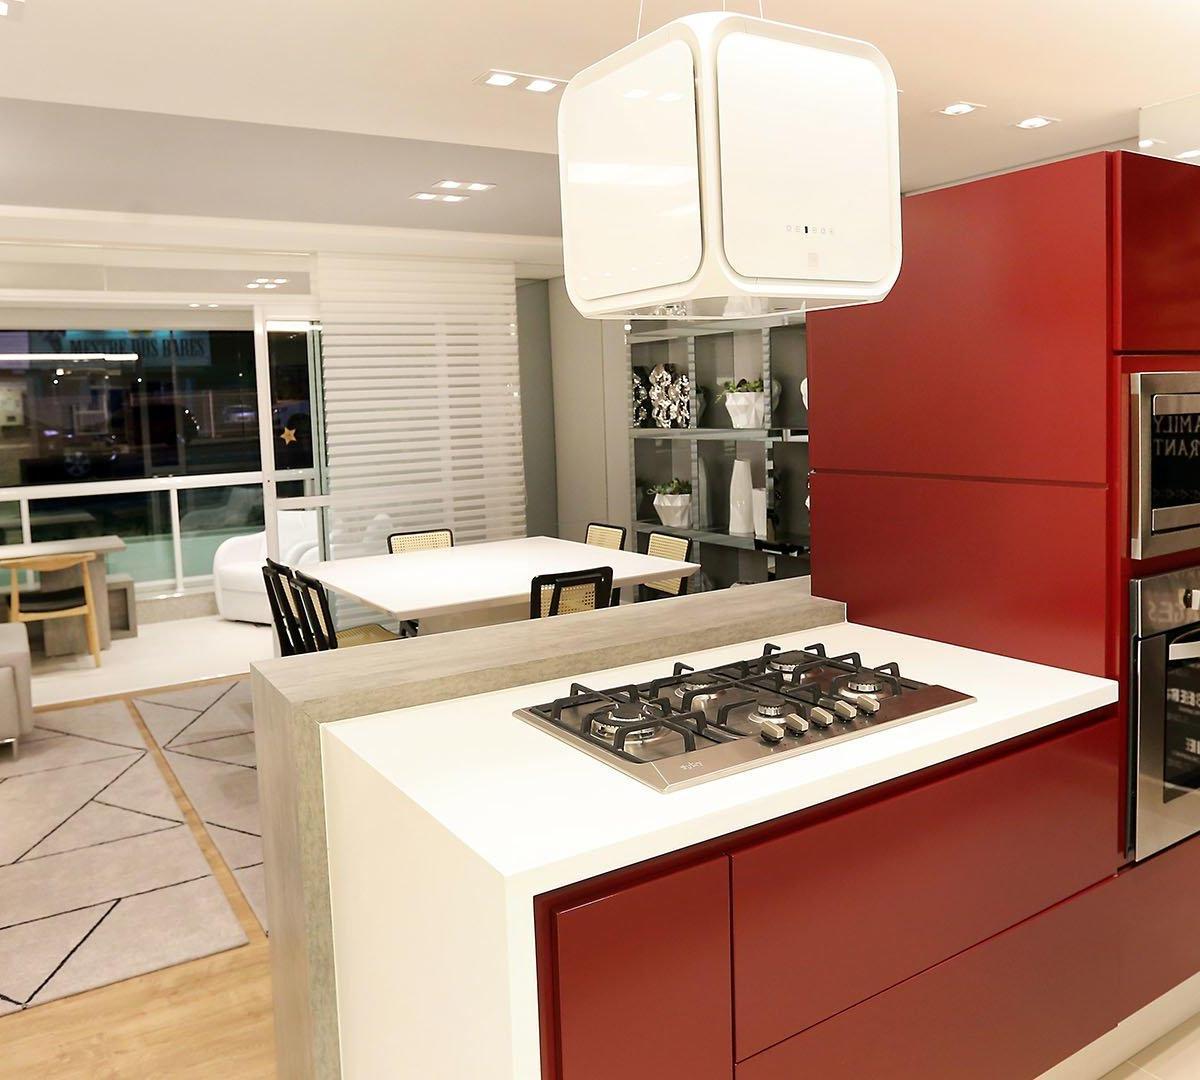 http://www.infocenterhost2.com.br/crm/fotosimovel/380239/106023322-apartamento-curitiba-boa-vista.jpg